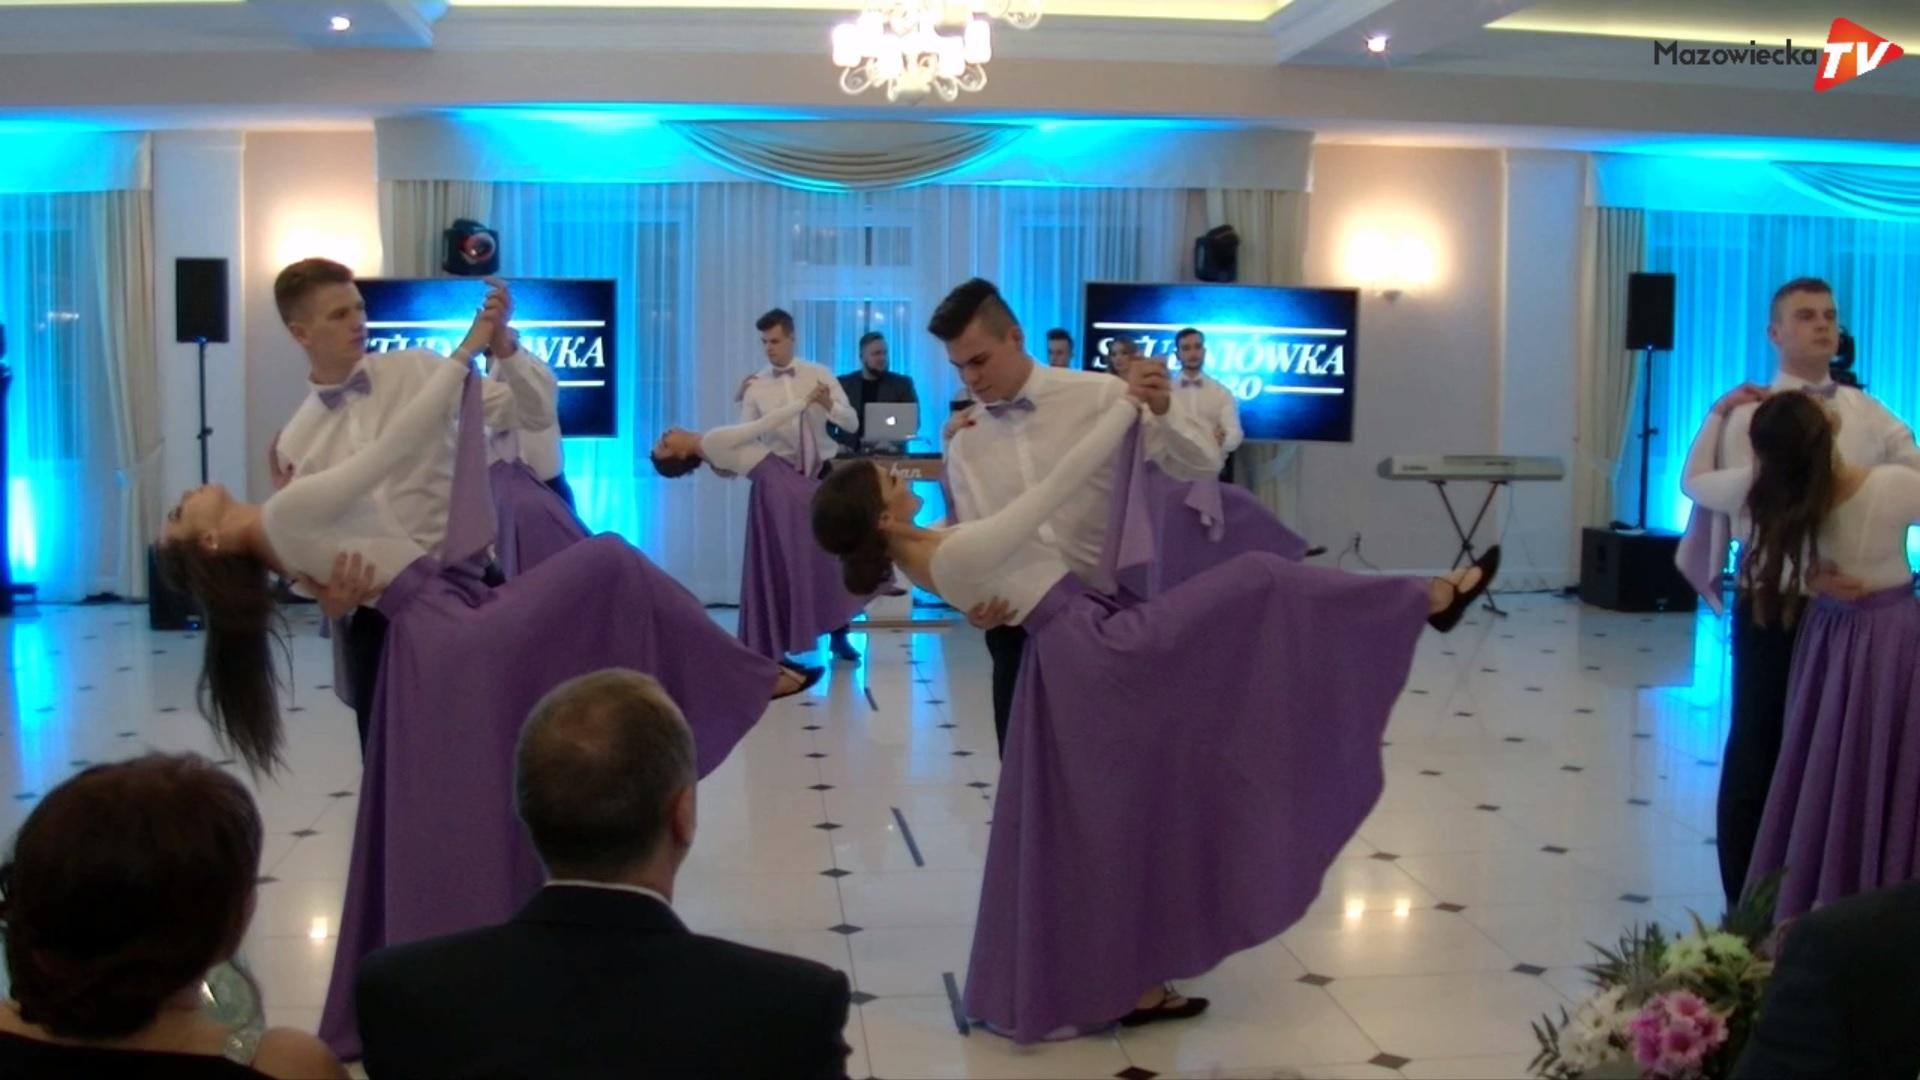 Maturzyści ZSO w Mogielnicy bawili się na Balu Studniówkowym